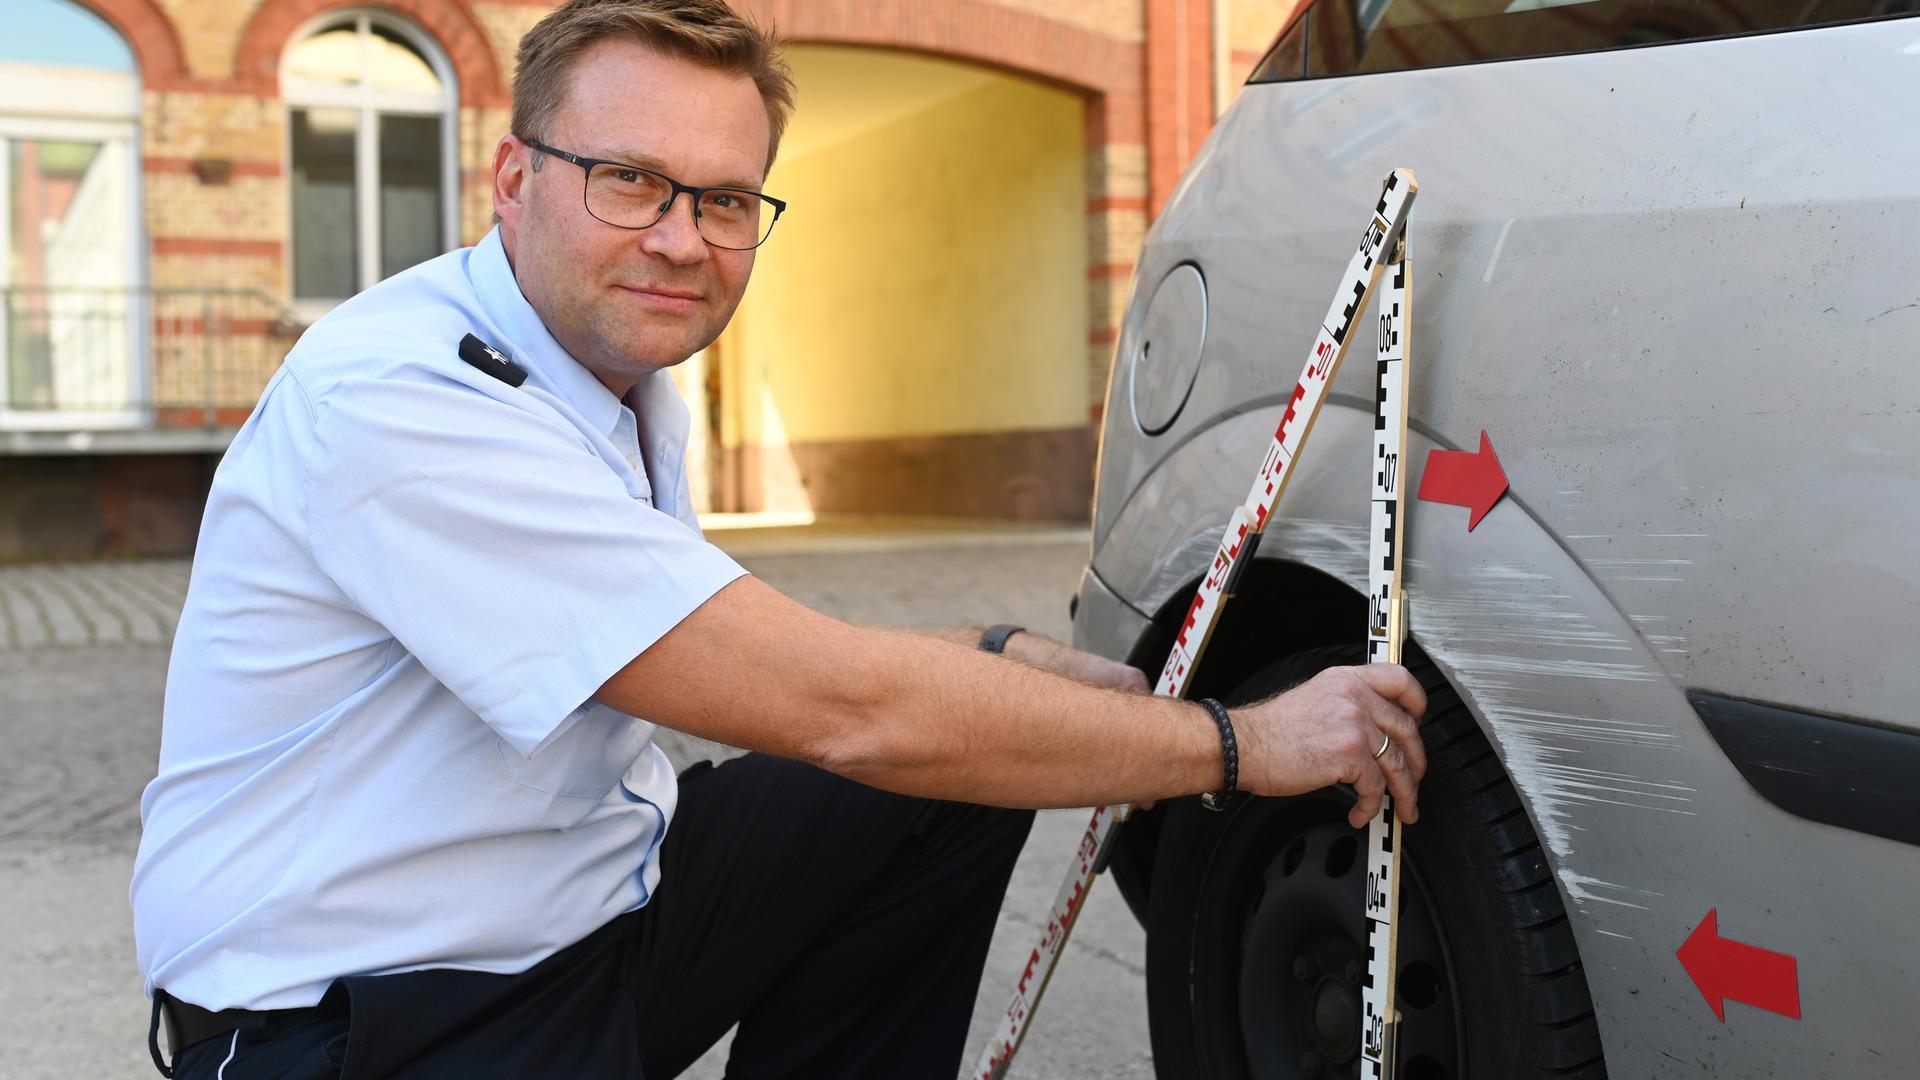 ©ARTIS-Uli Deck// 08.09.2020 Herr Antoni, Polizist beim Polizeipräsidium Karlsruhe, zeigt einen Unfallschaden an einem Pkw. -Copyright -ARTIS-ULI DECK Werrabronner Strasse 19  D-76229 KARLSRUHE TEL:  0049 (0) 721-84 38 77  FAX:  0049 (0) 721 84 38 93   Mobil: 0049 (0) 172 7292636 E-Mail:  deck@artis-foto.de www.artis-foto.de Veroeffentlichung nur gegen Honorar nach MFM zzgl. gesetzlicher. Mehrwertsteuer, kostenfreies Belegexemplar und Namensnennung: ARTIS-Uli Deck.  Es gelten meine AGB., abzurufen unter :    http://artis-foto.de/agb01_2008_DE.pdf